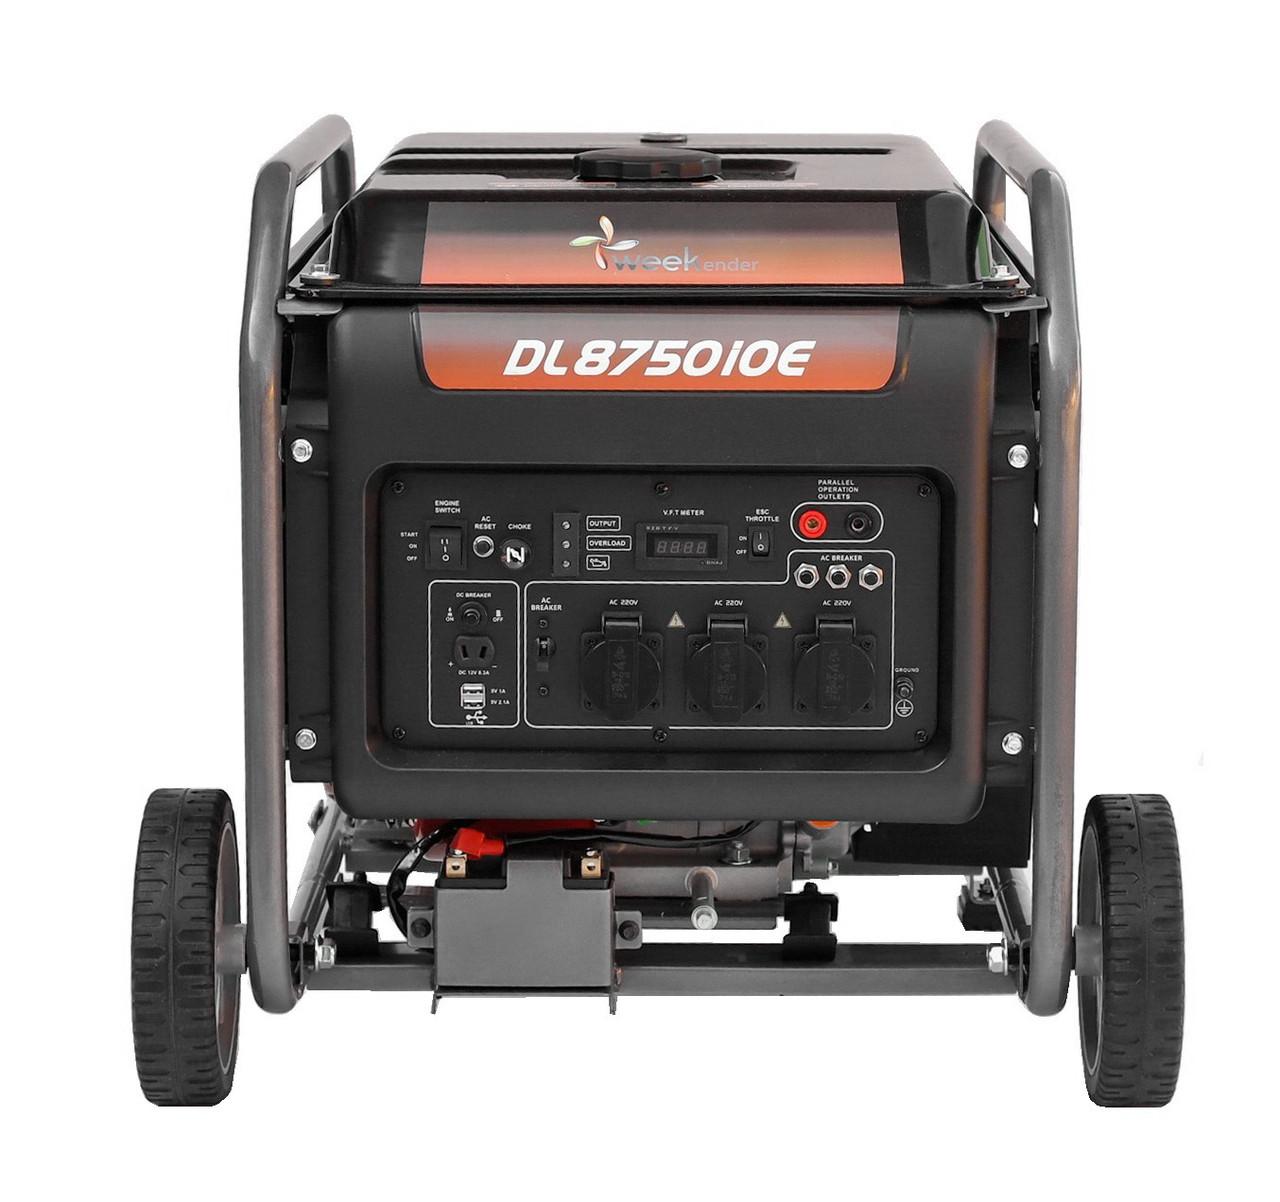 Генератор-инвертор Weekender 7,5 кВт  DL8750iOE